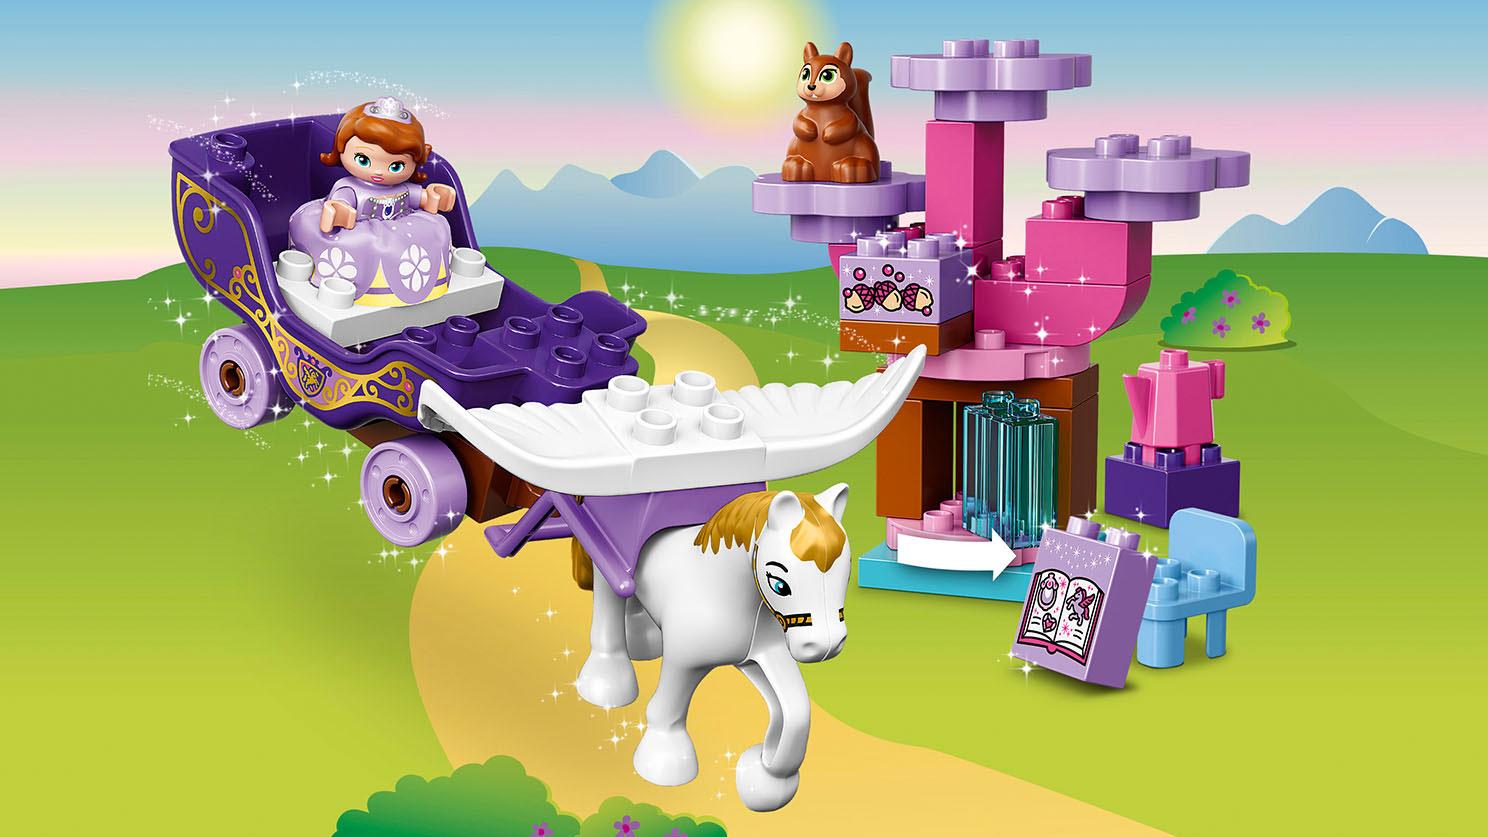 10822 Le carrosse magique de Princesse Sofia